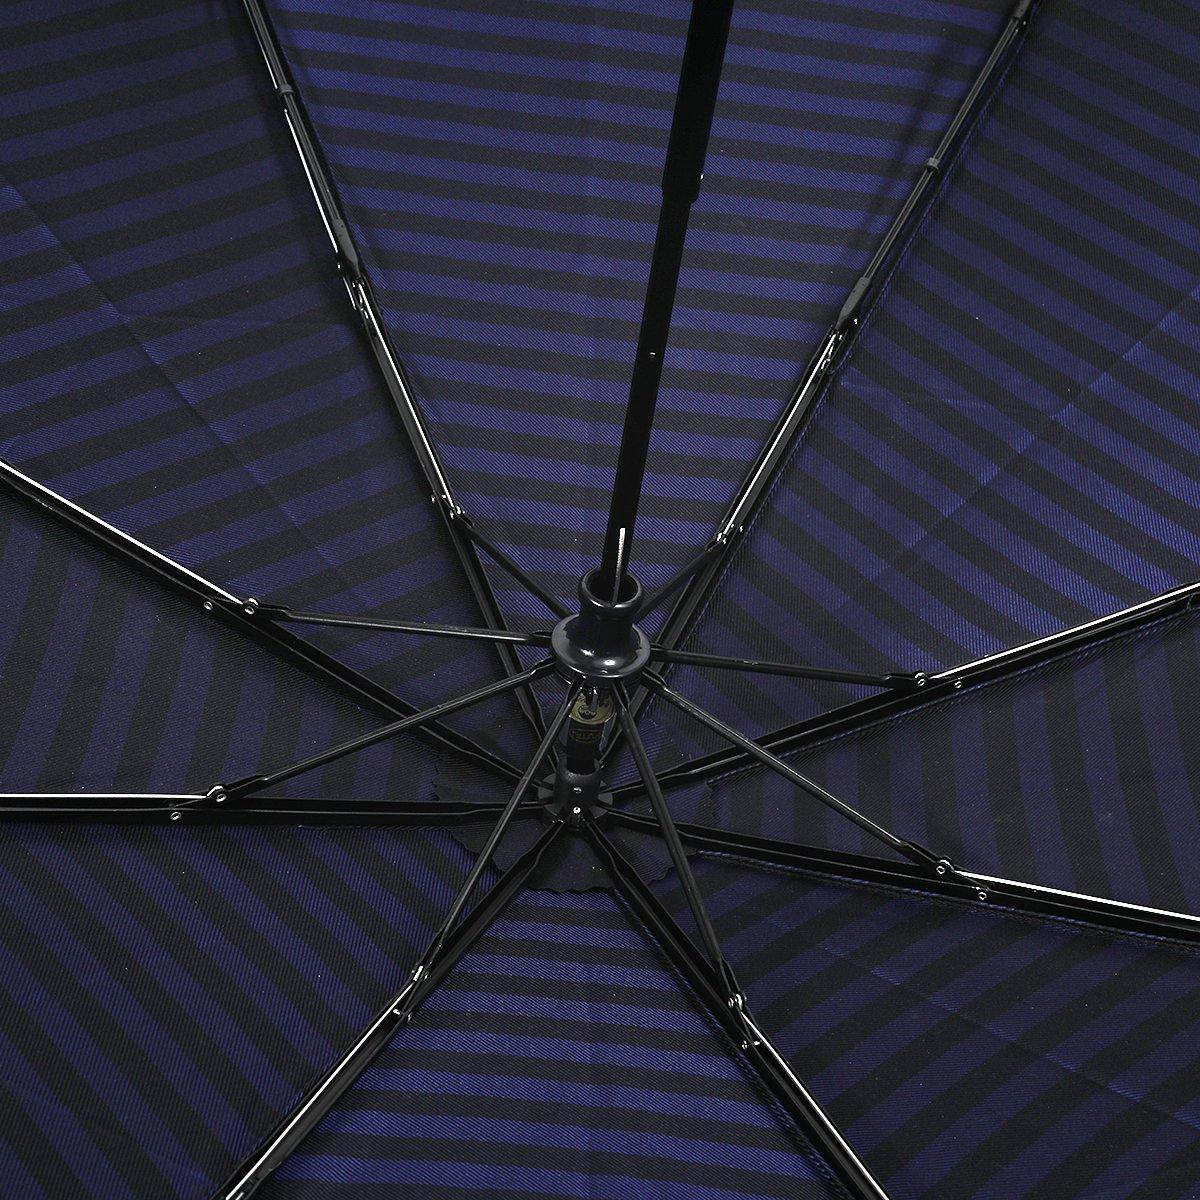 【限定】ラガー ボーダー 耐風骨 折りたたみ傘 詳細画像8